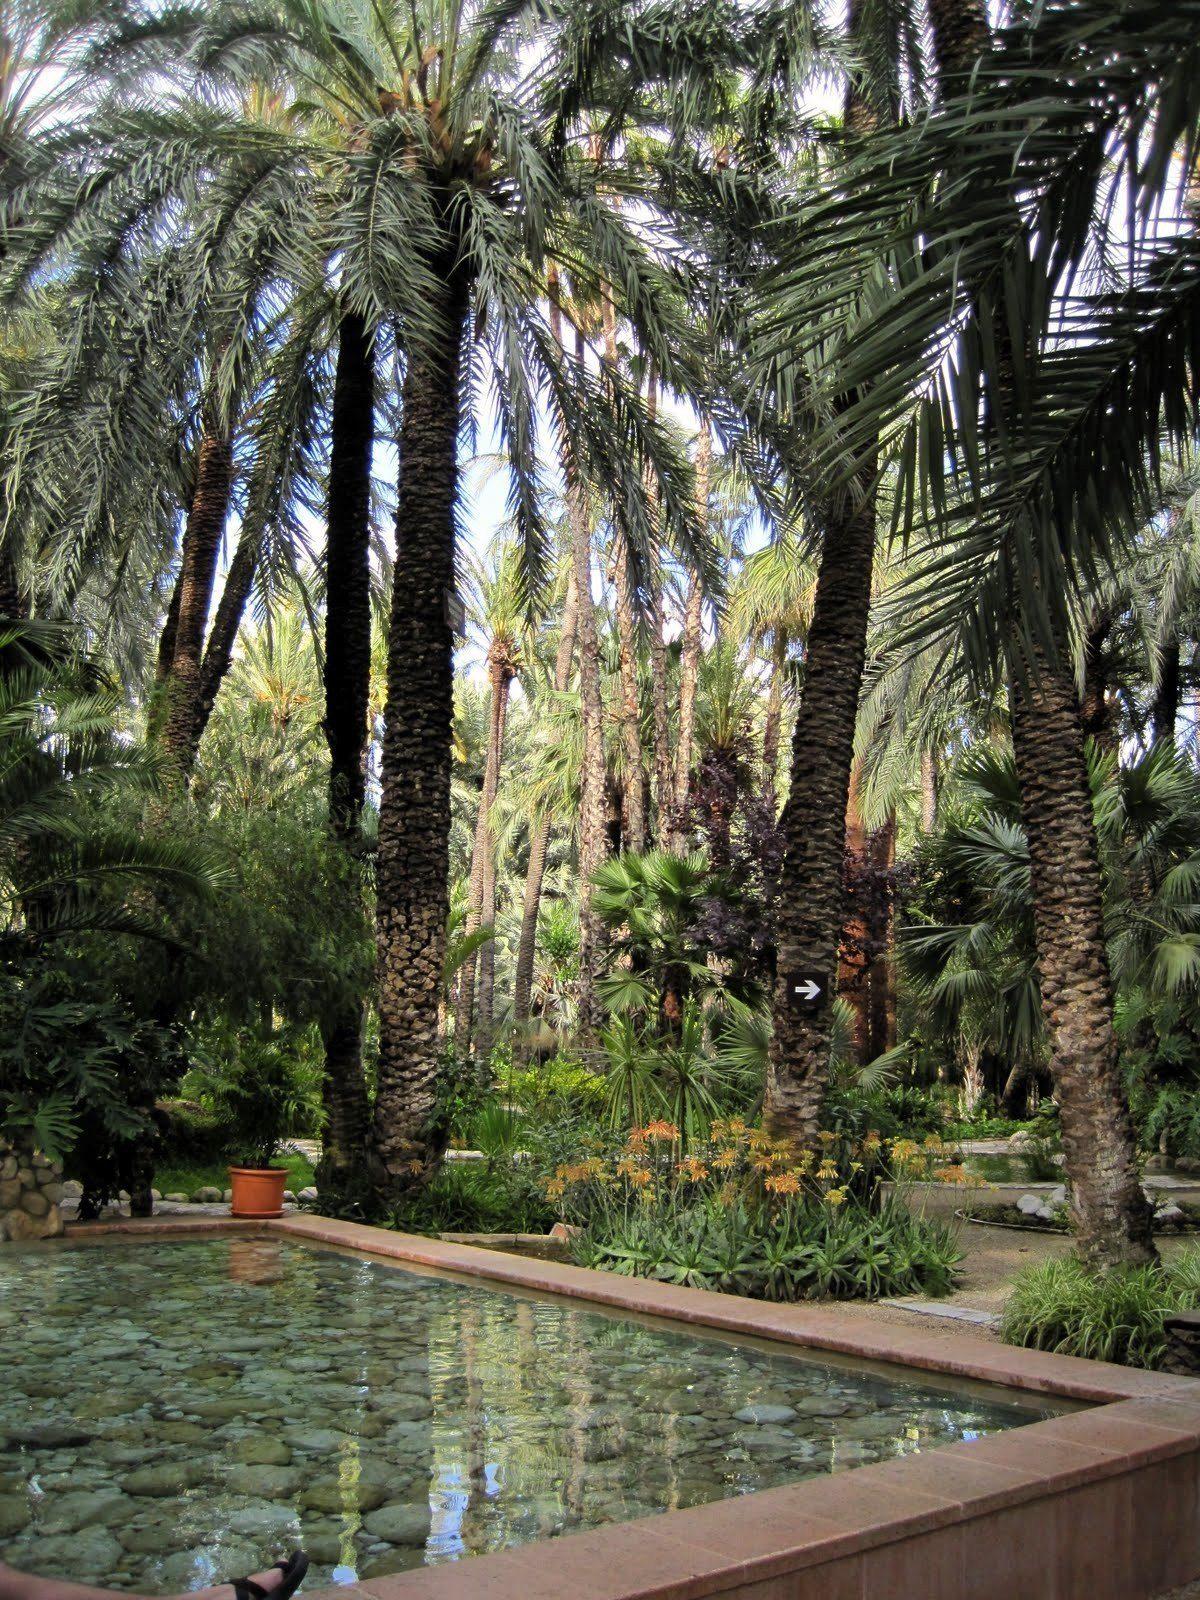 Palms in Elche, Spain